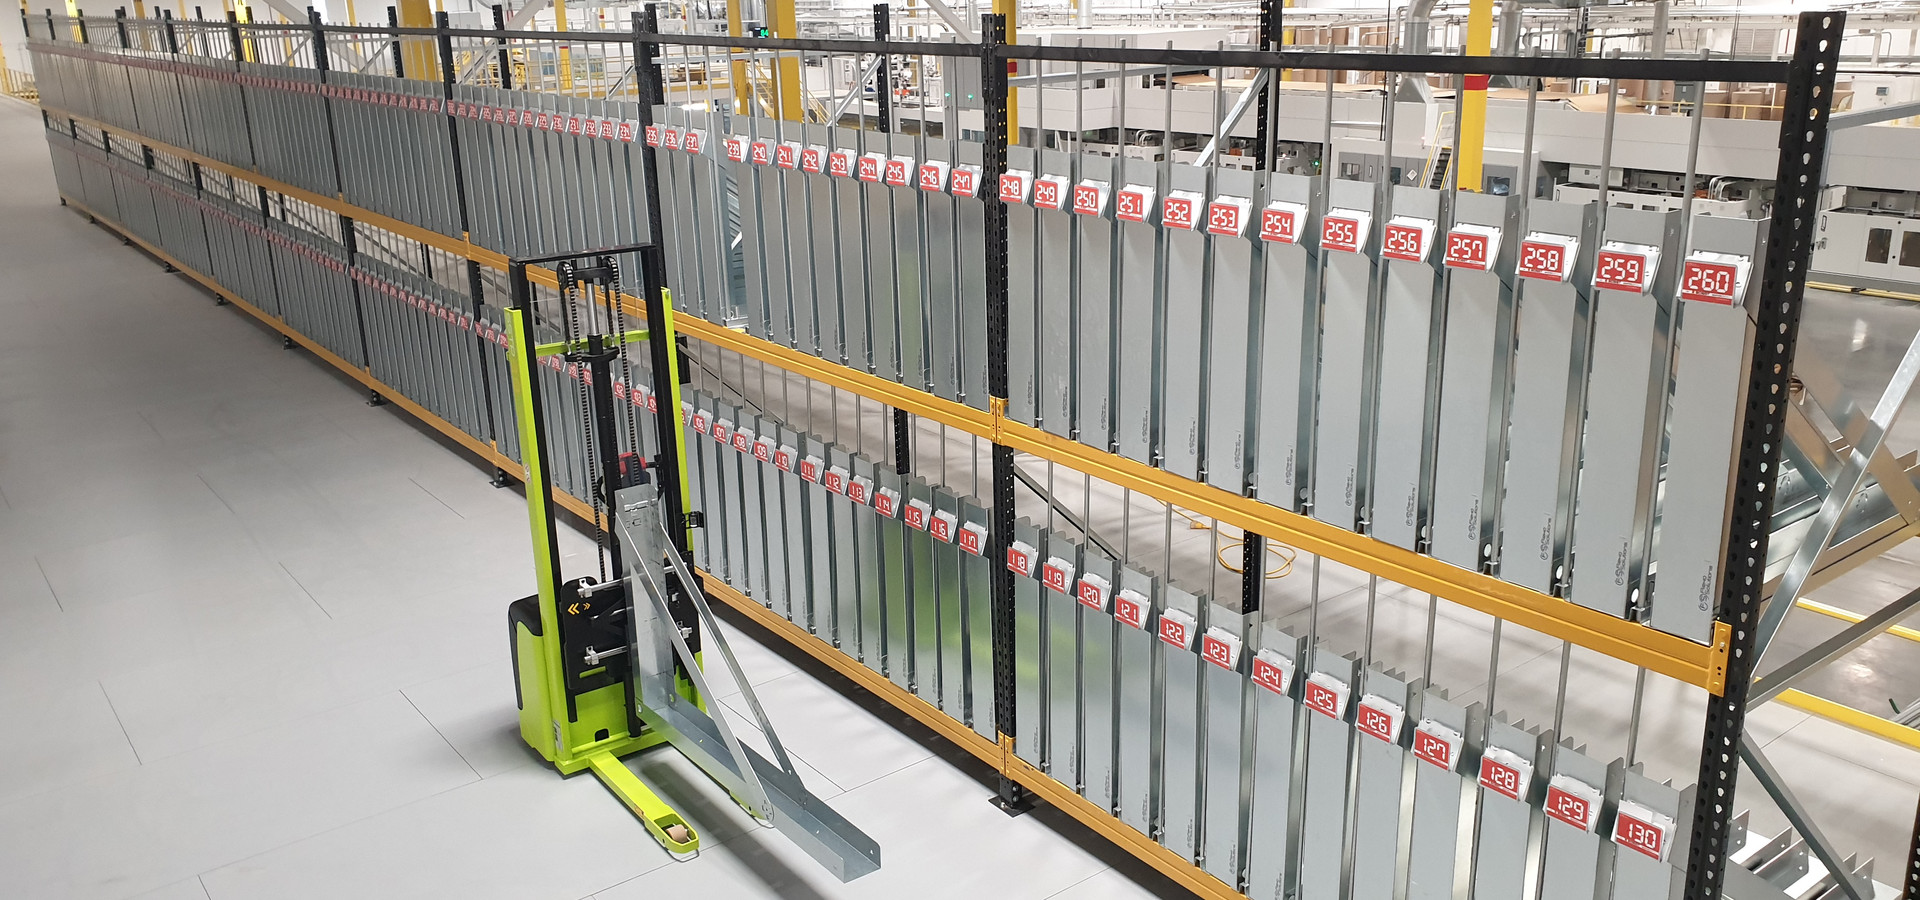 Flatbed Dies Stacker - Storage